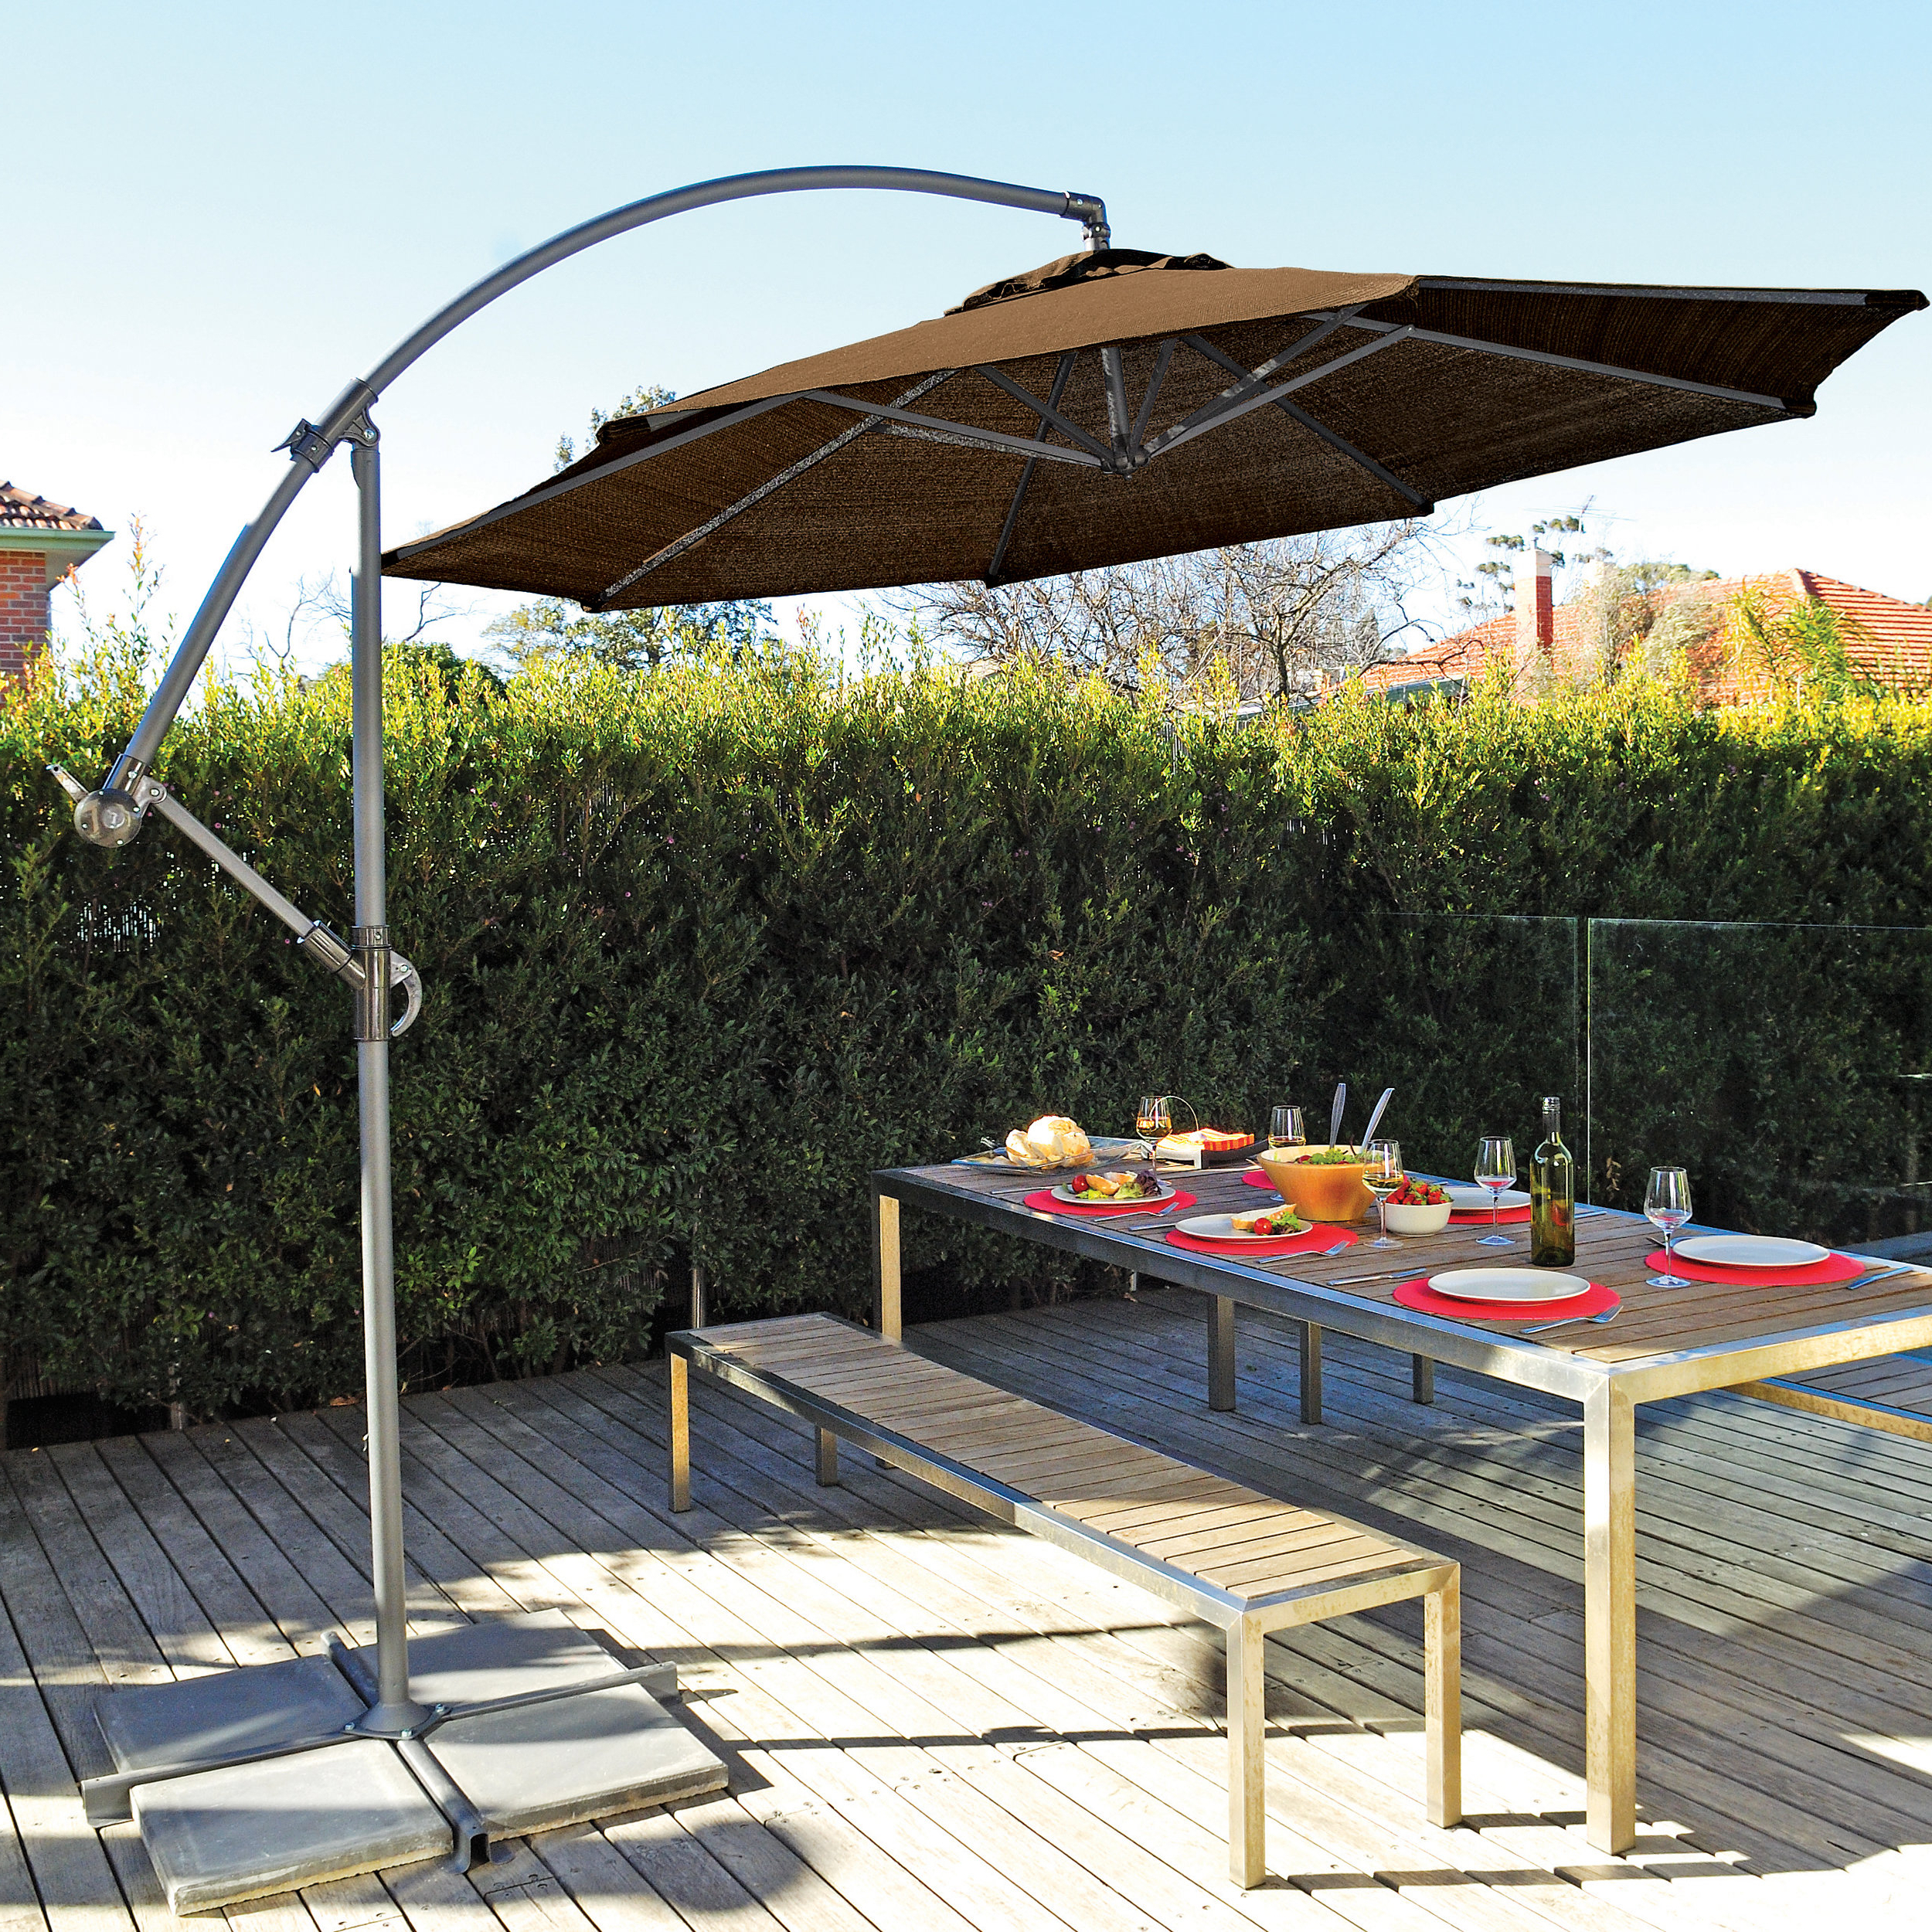 Coolaroo Cantilever Umbrellas Within 2020 Coolaroo 10' Cantilever Umbrella (View 7 of 20)